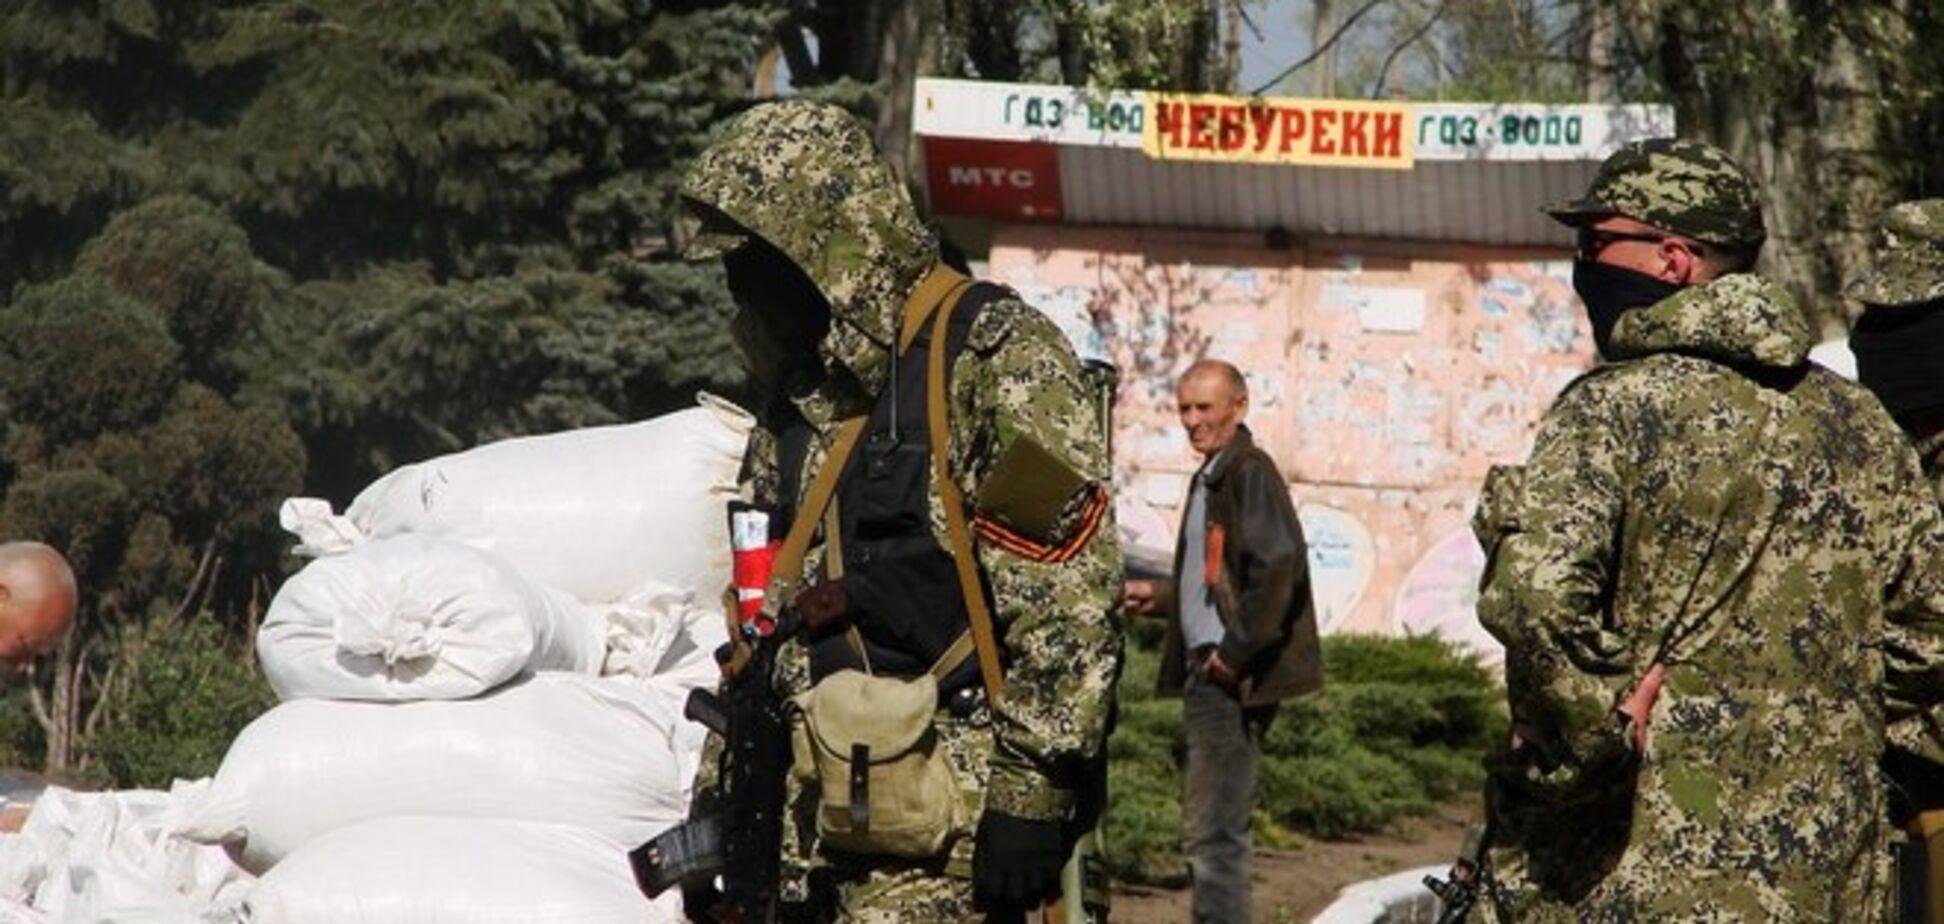 Террористы торгуют наркотиками прямо на блокпостах - беженцы из Донбасса